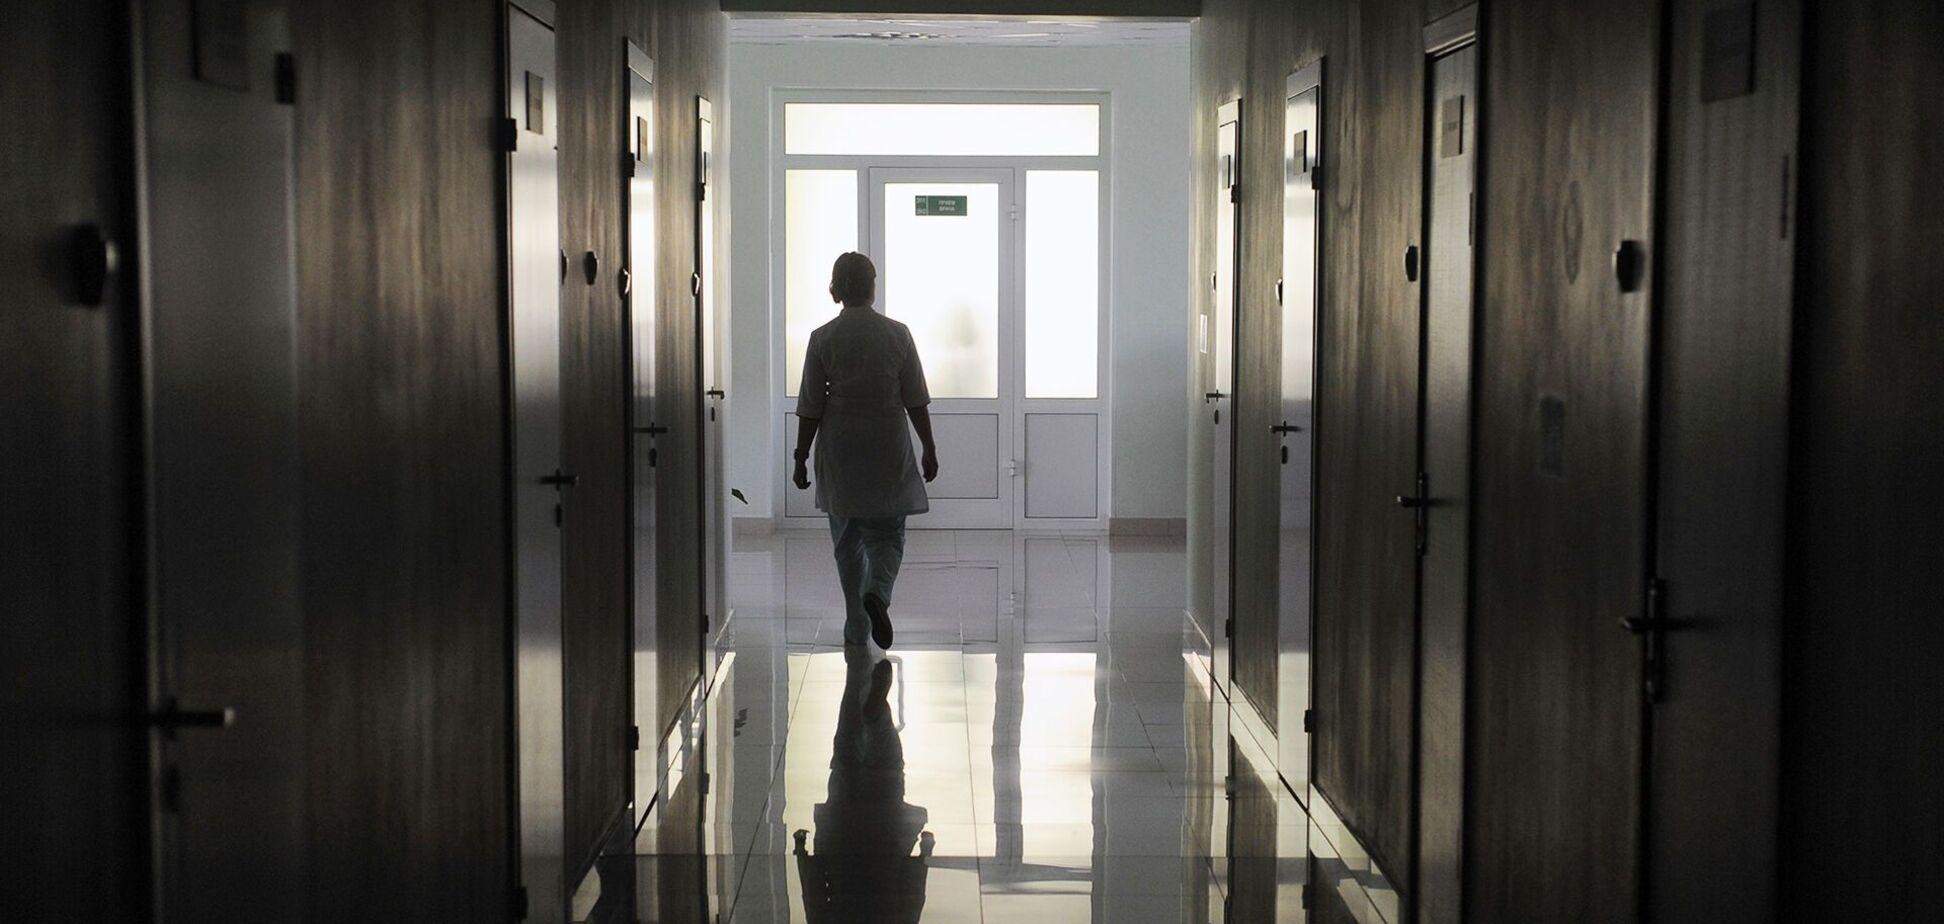 На Днепропетровщине будут судить врача, из-за которого умерла пациентка